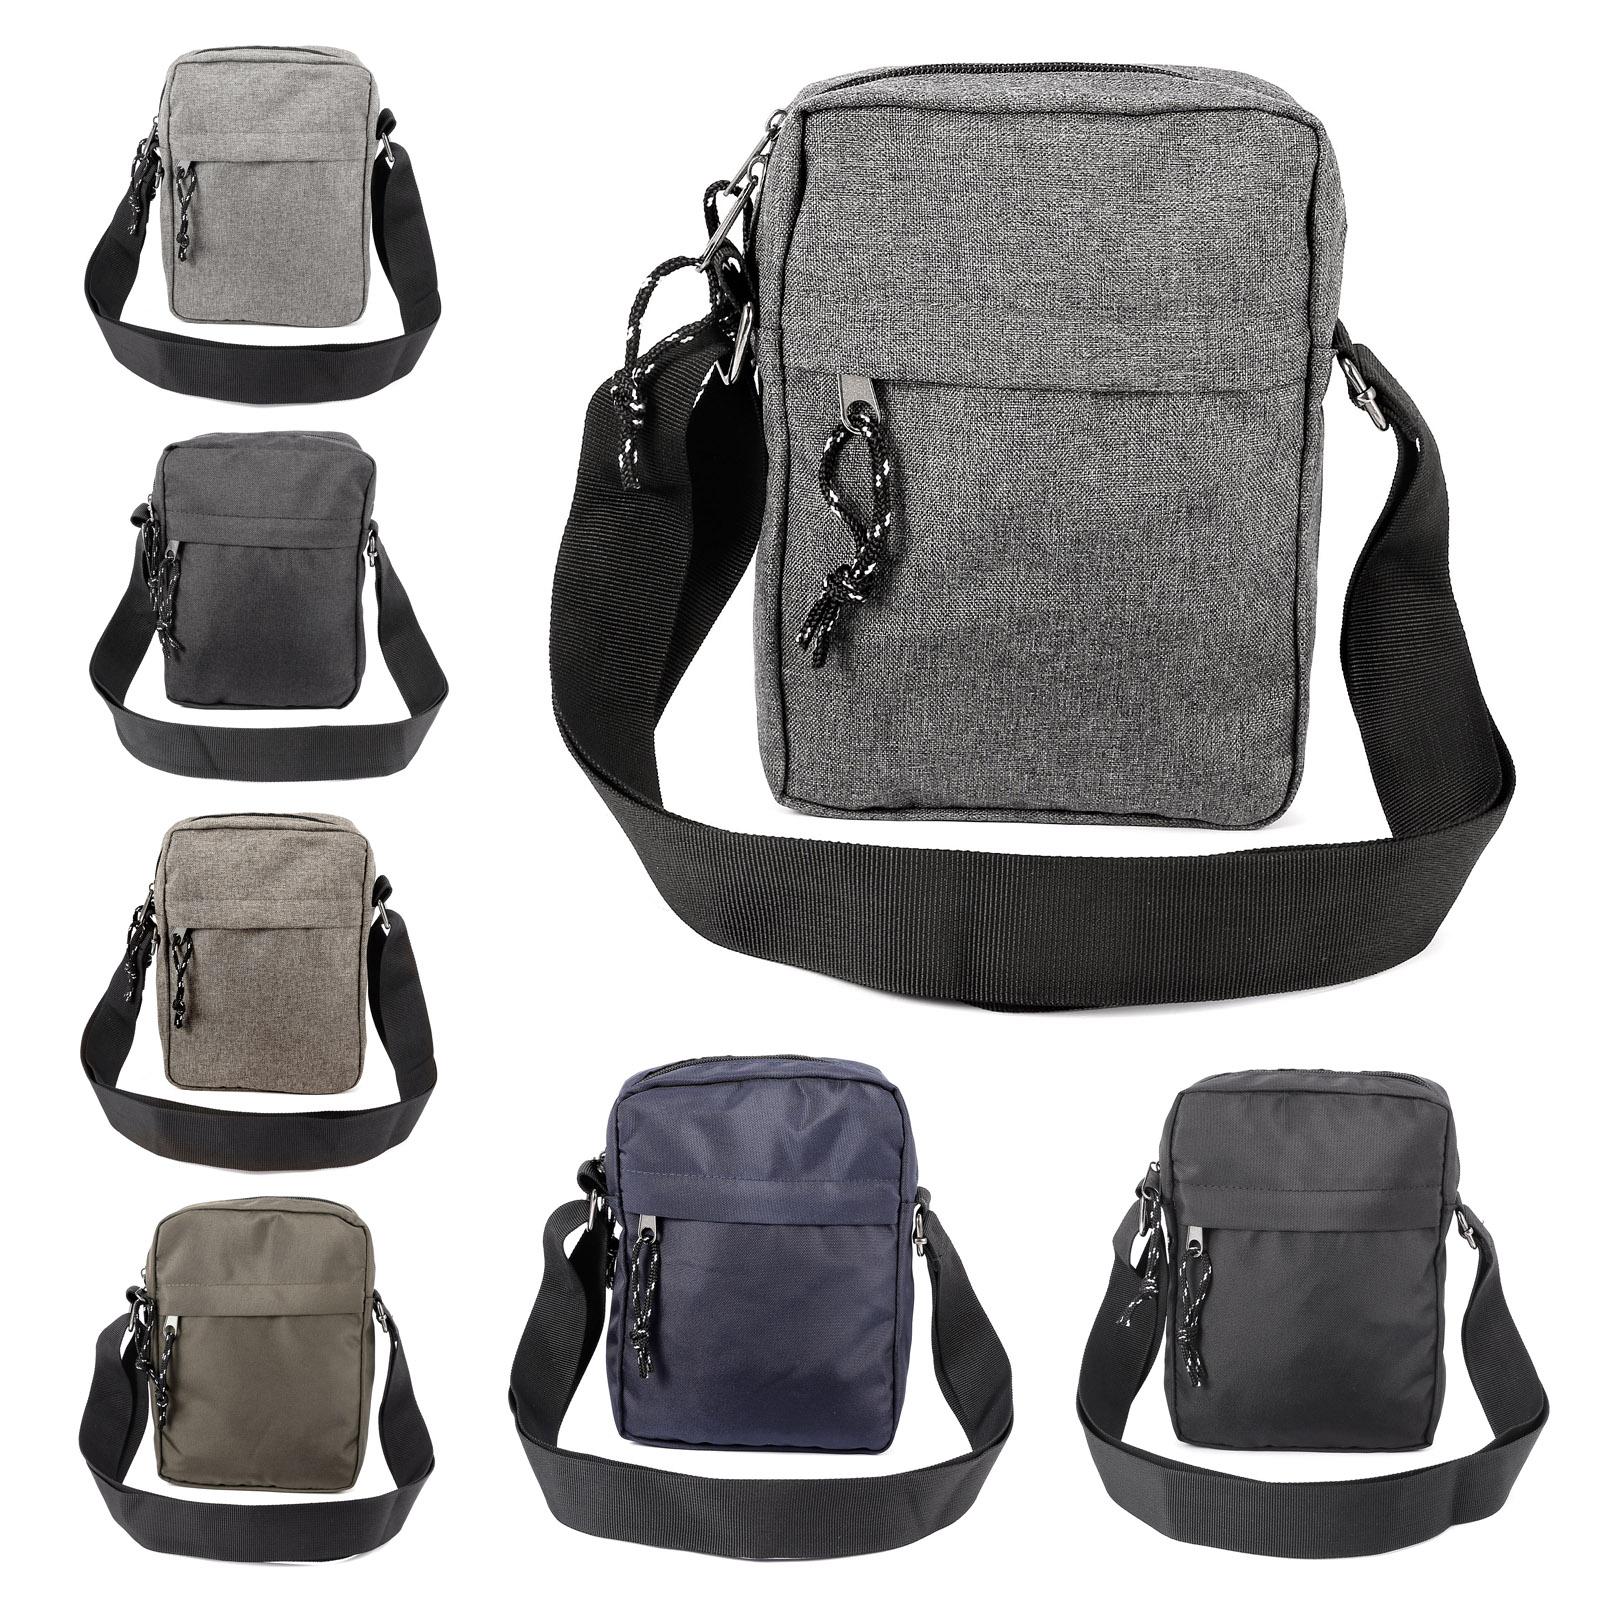 Details about Men's Shoulder Messenger Bag Weekender Crossbody Day Bag For Work Travel